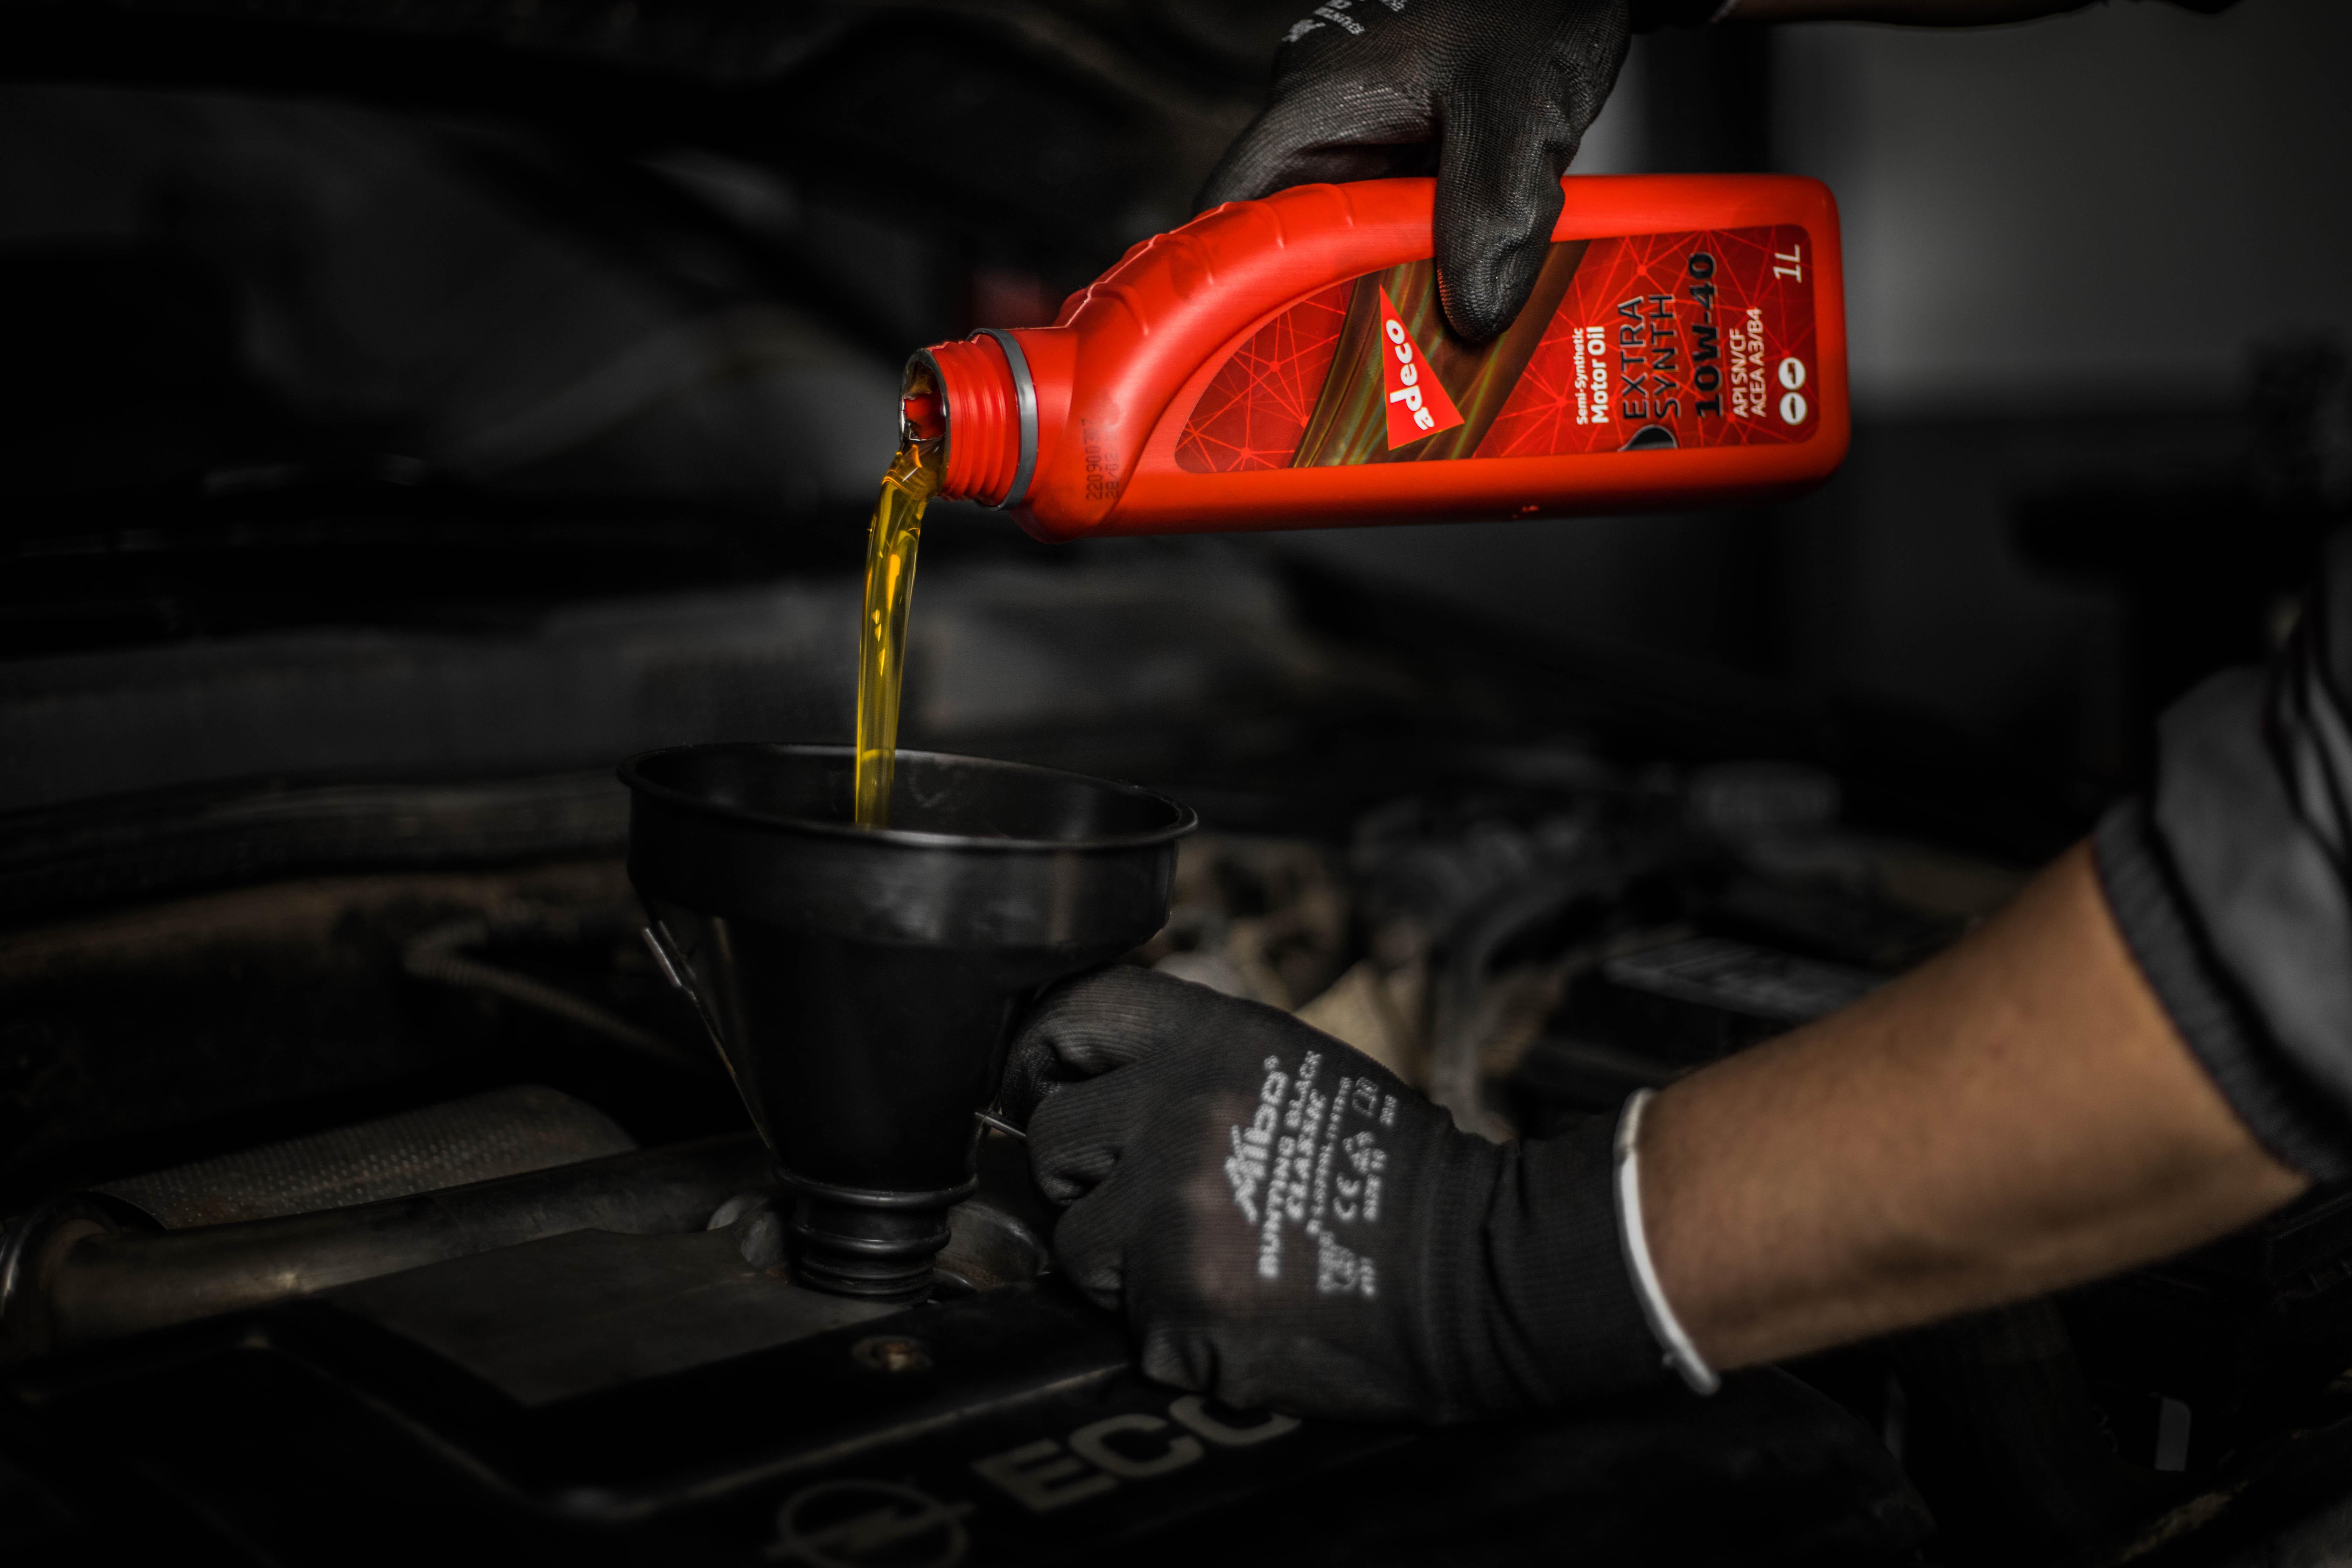 Adeco motorno ulje u auto servisu